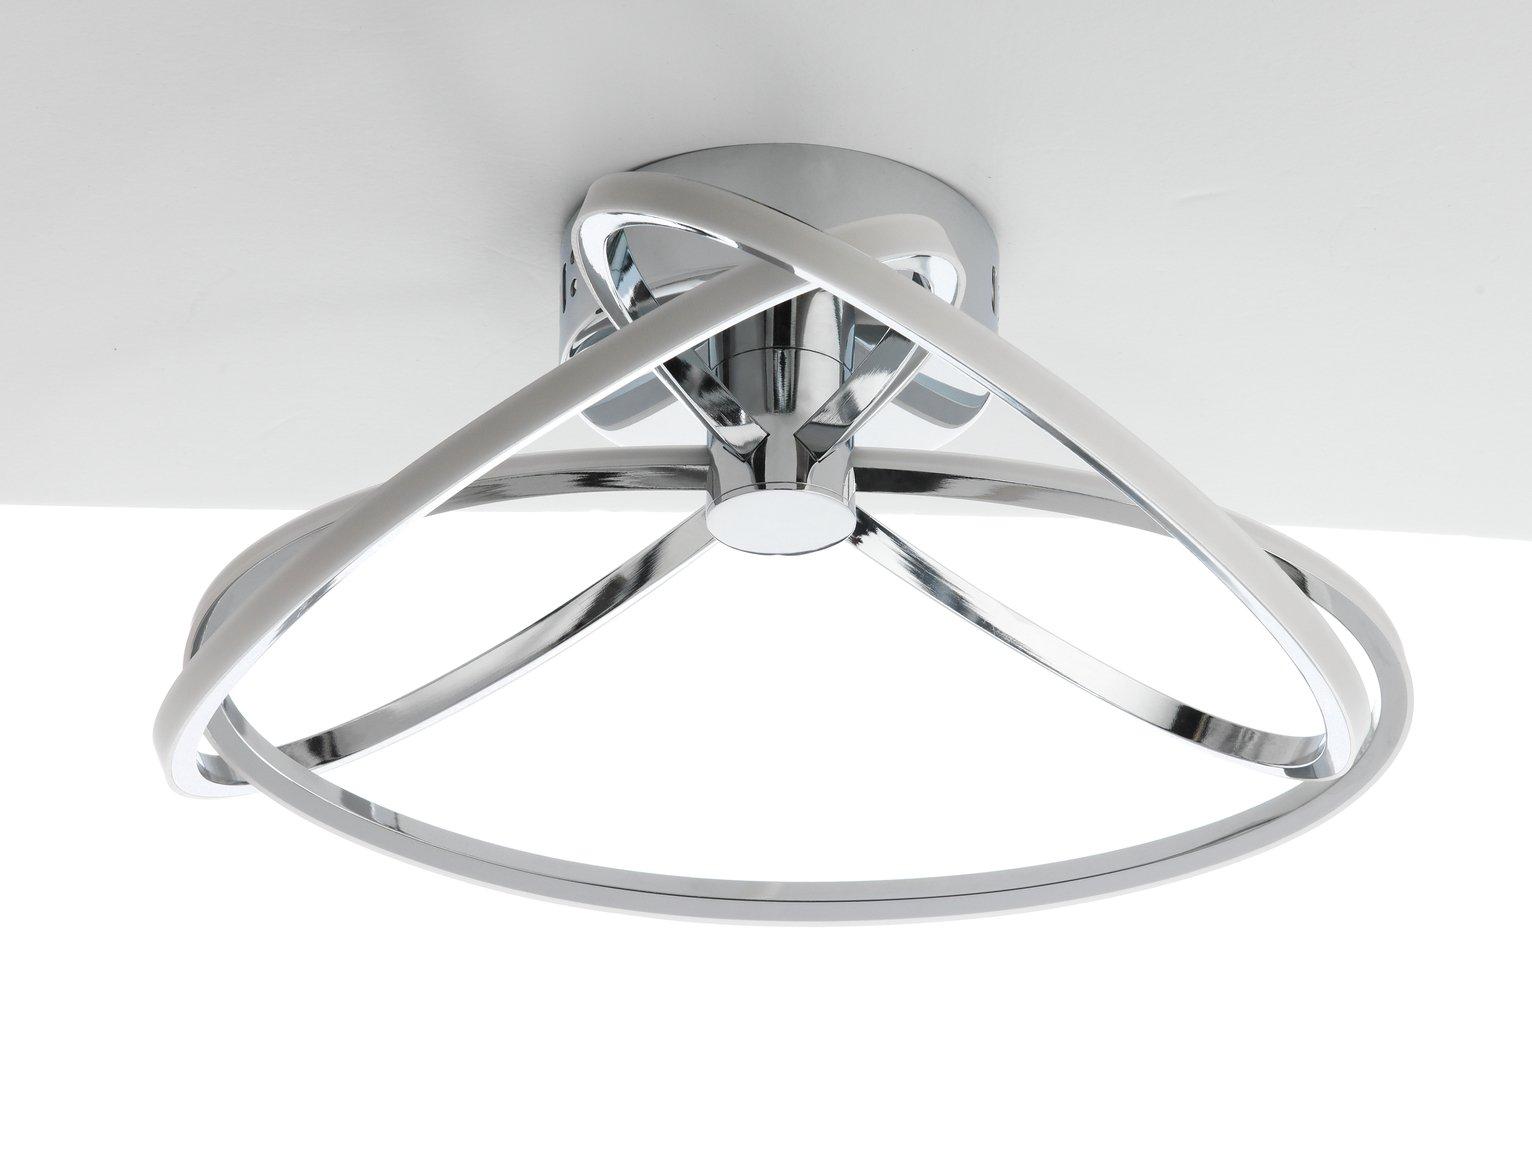 Argos Home Sireo Led Flush Ceiling Light Reviews